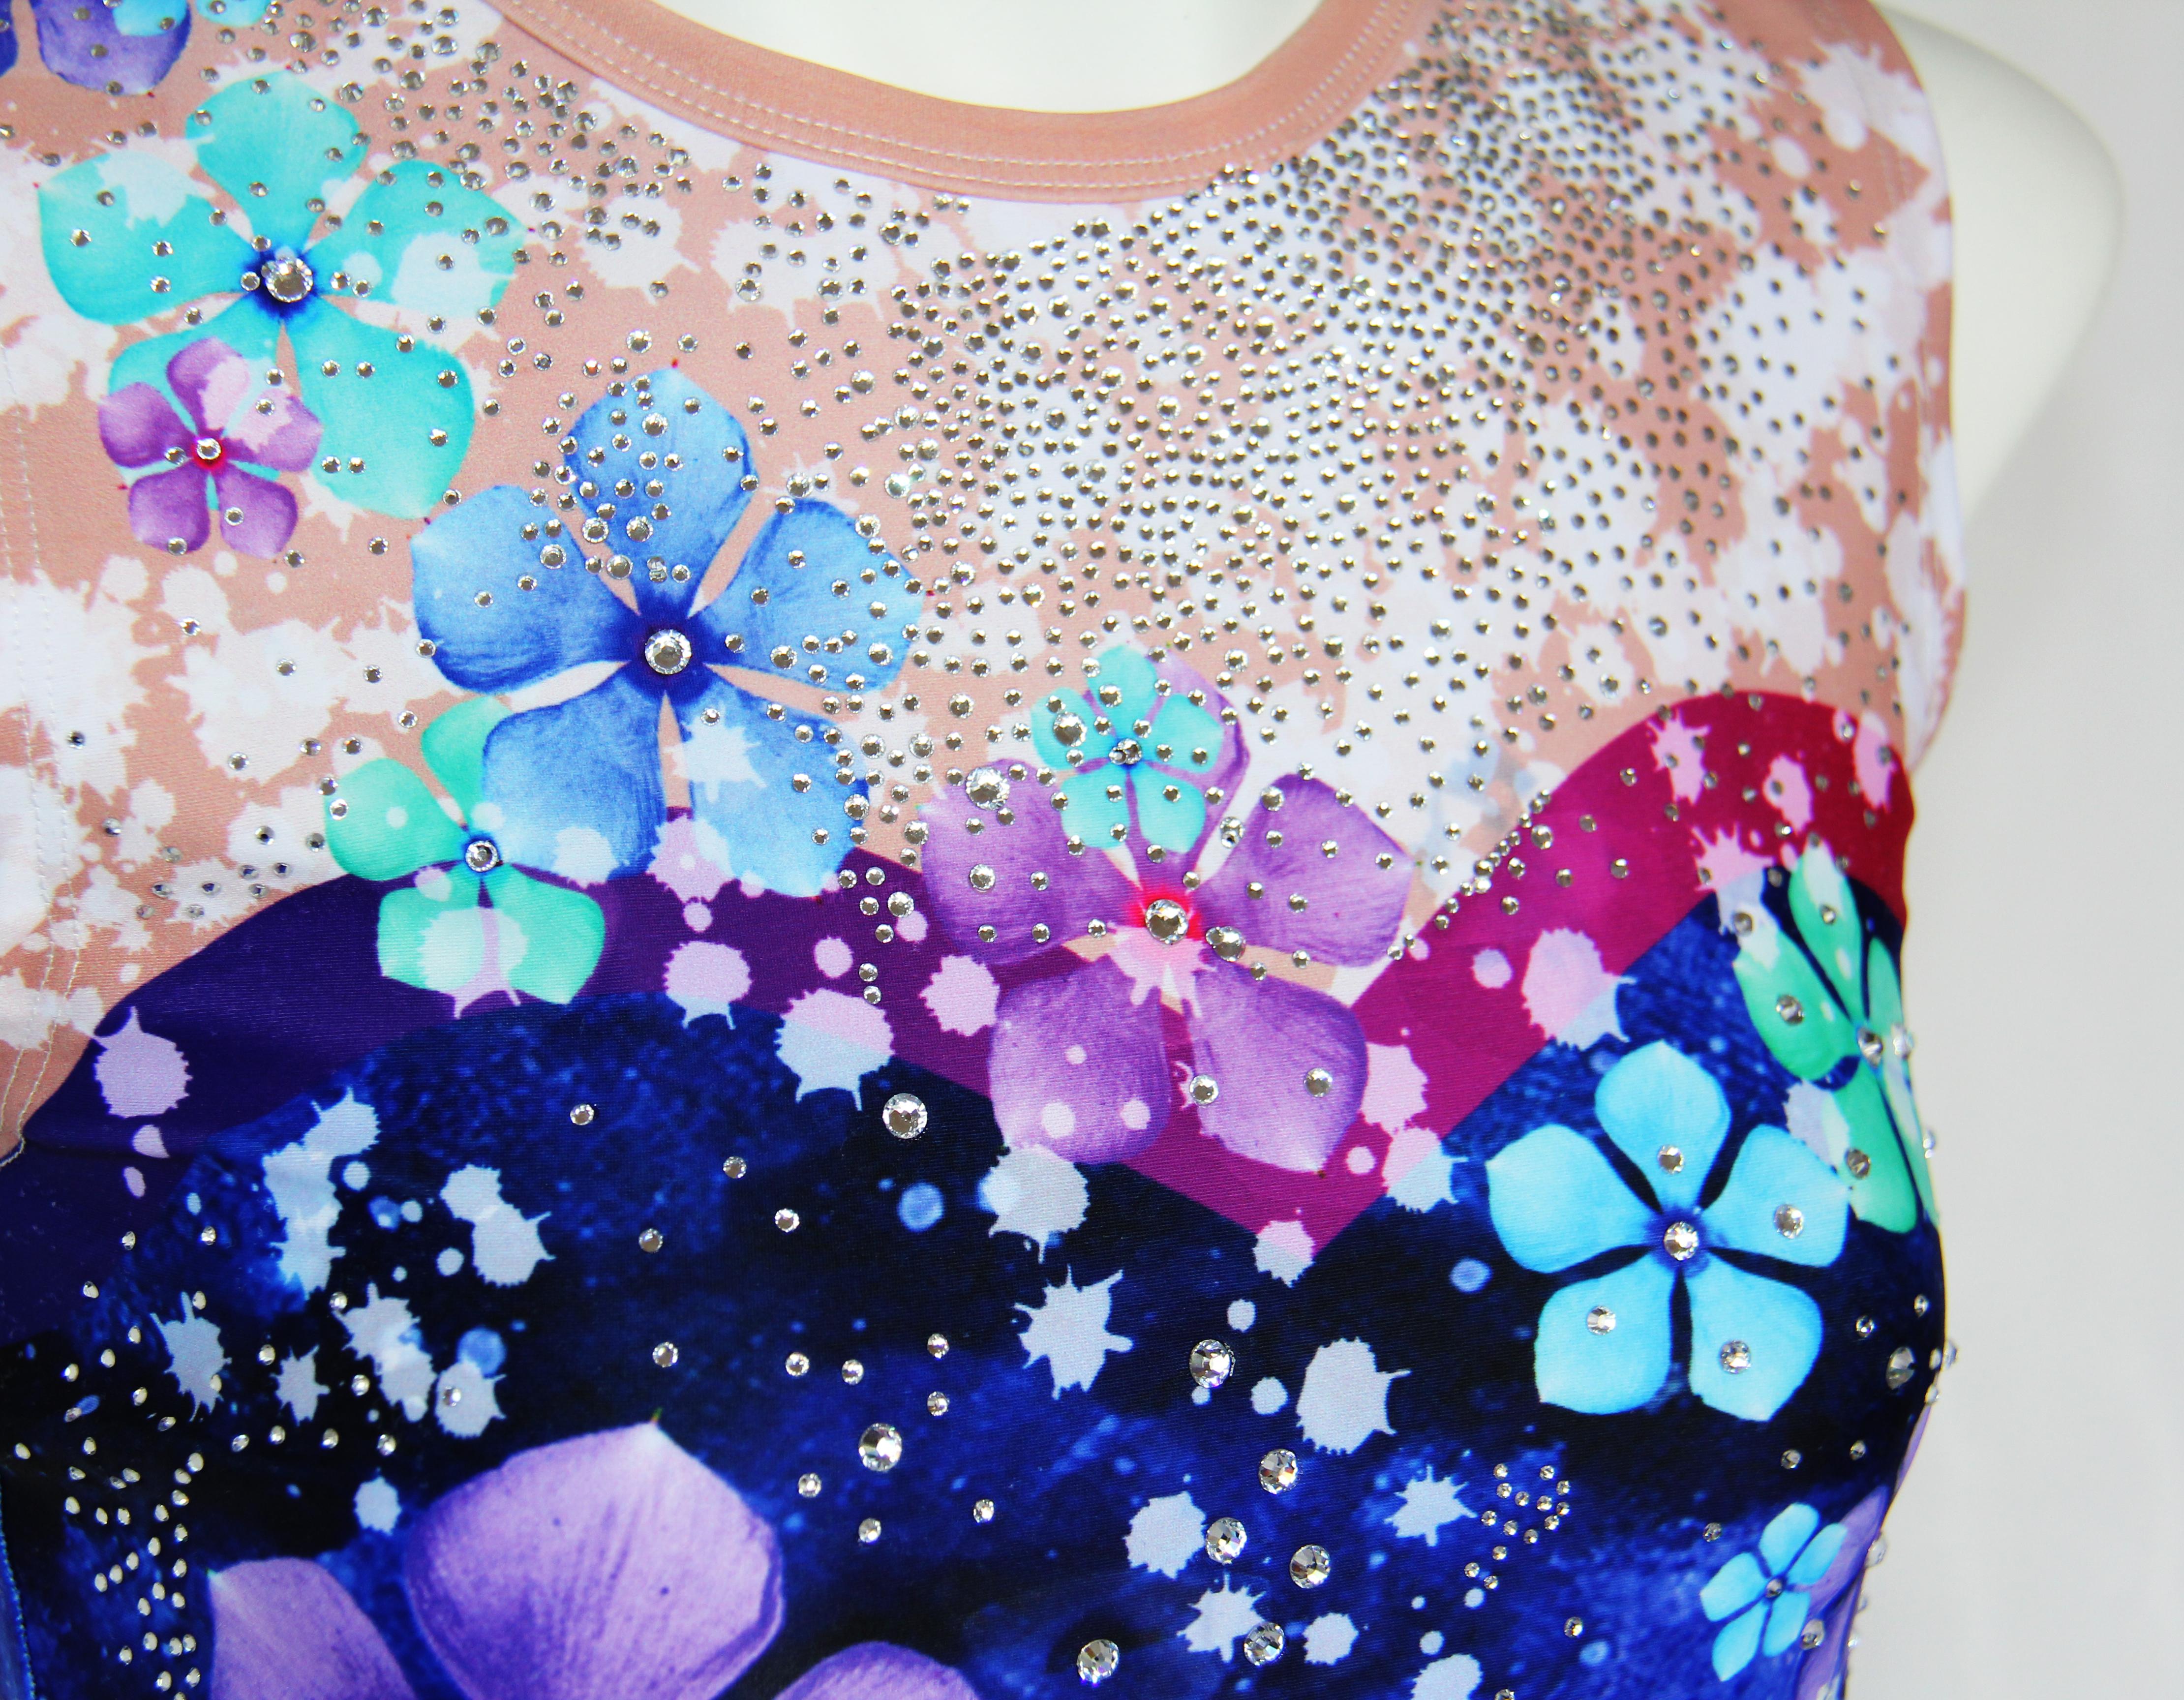 Dancing Butterflies & Flowers  in the Cosmo! 2